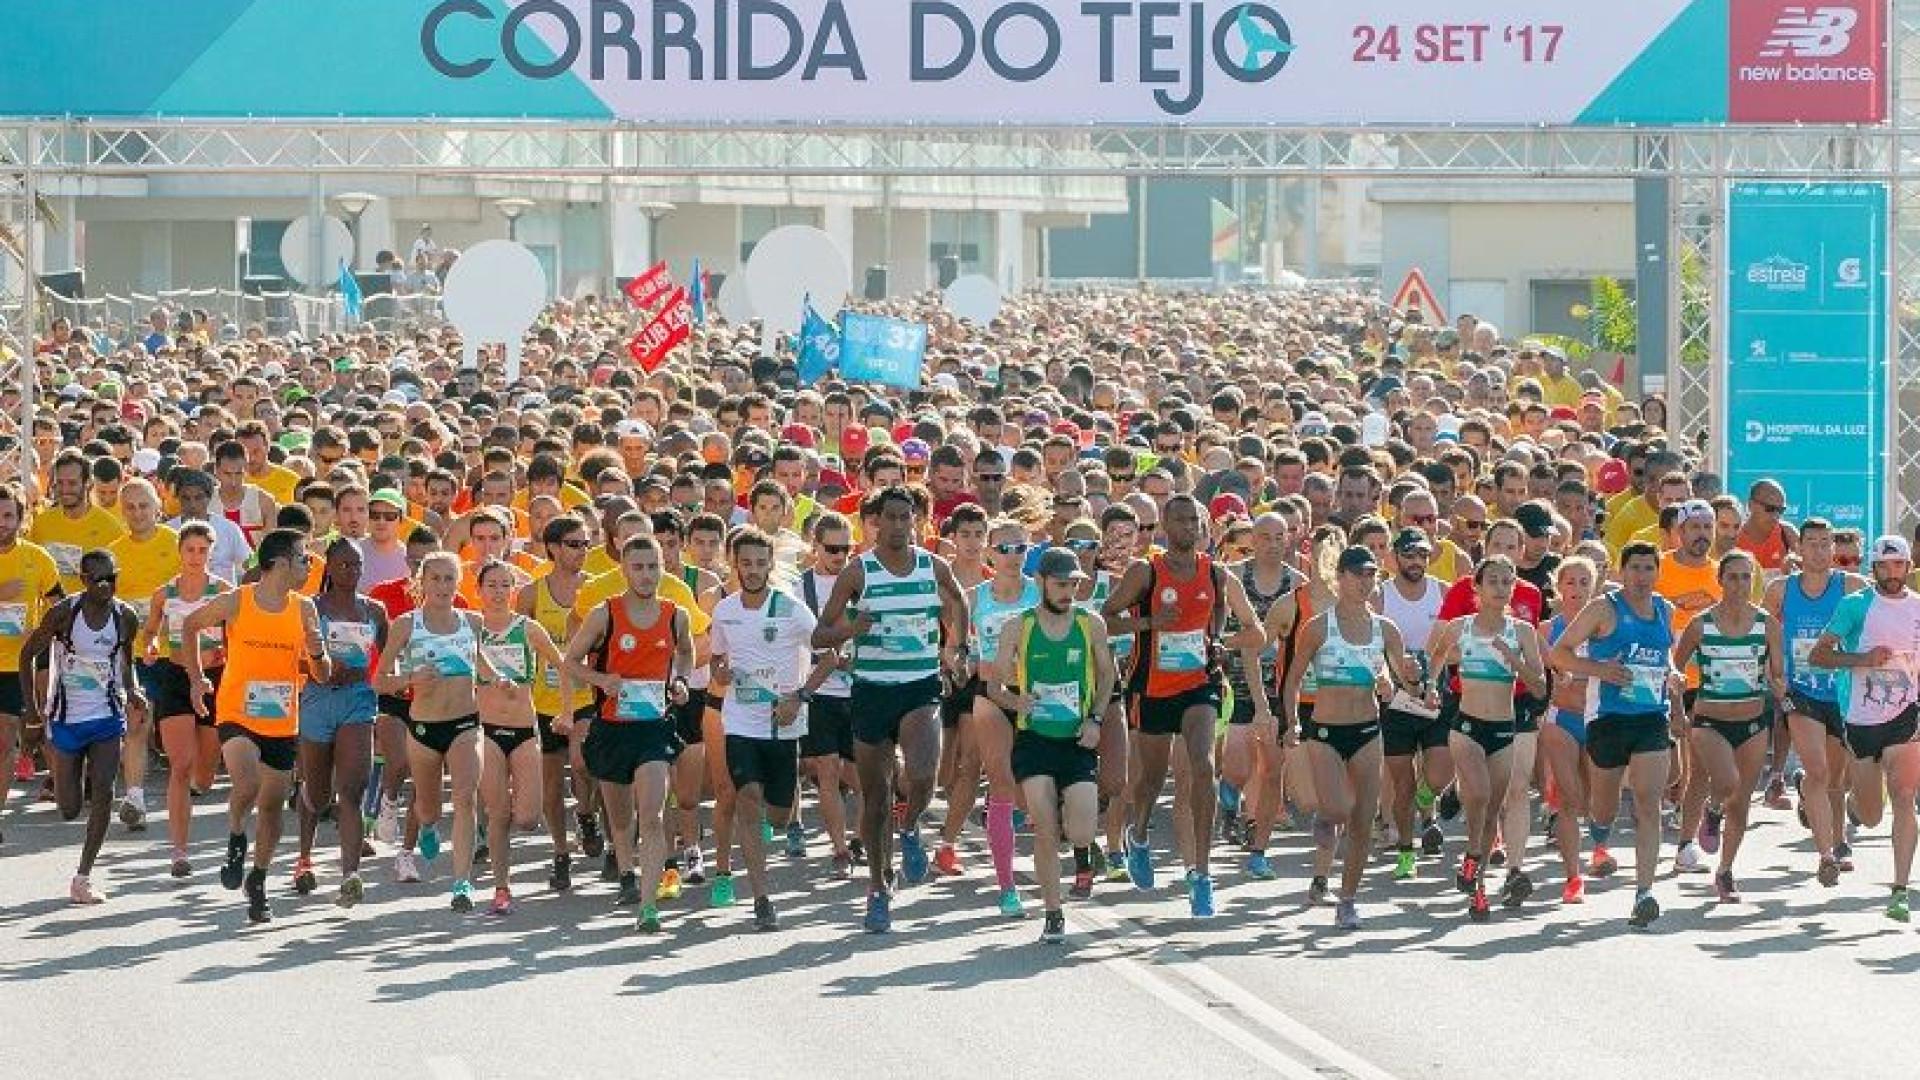 Vamos a uma última prova antes da meia maratona?